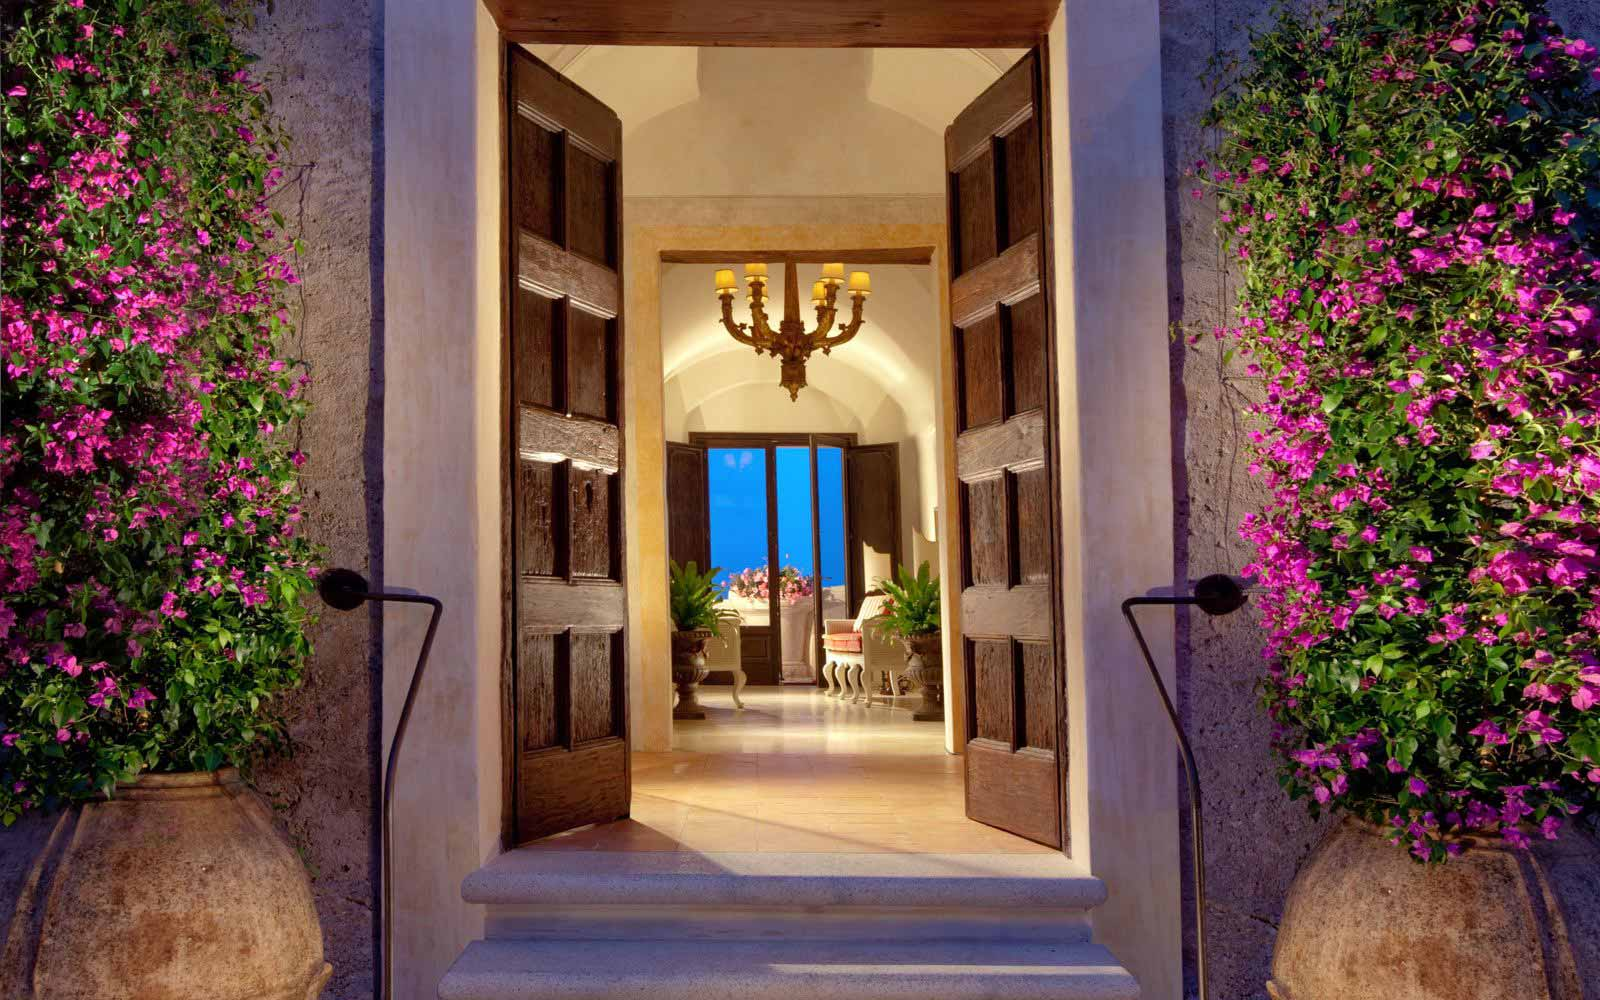 Main entrance at Monastero Santa Rosa